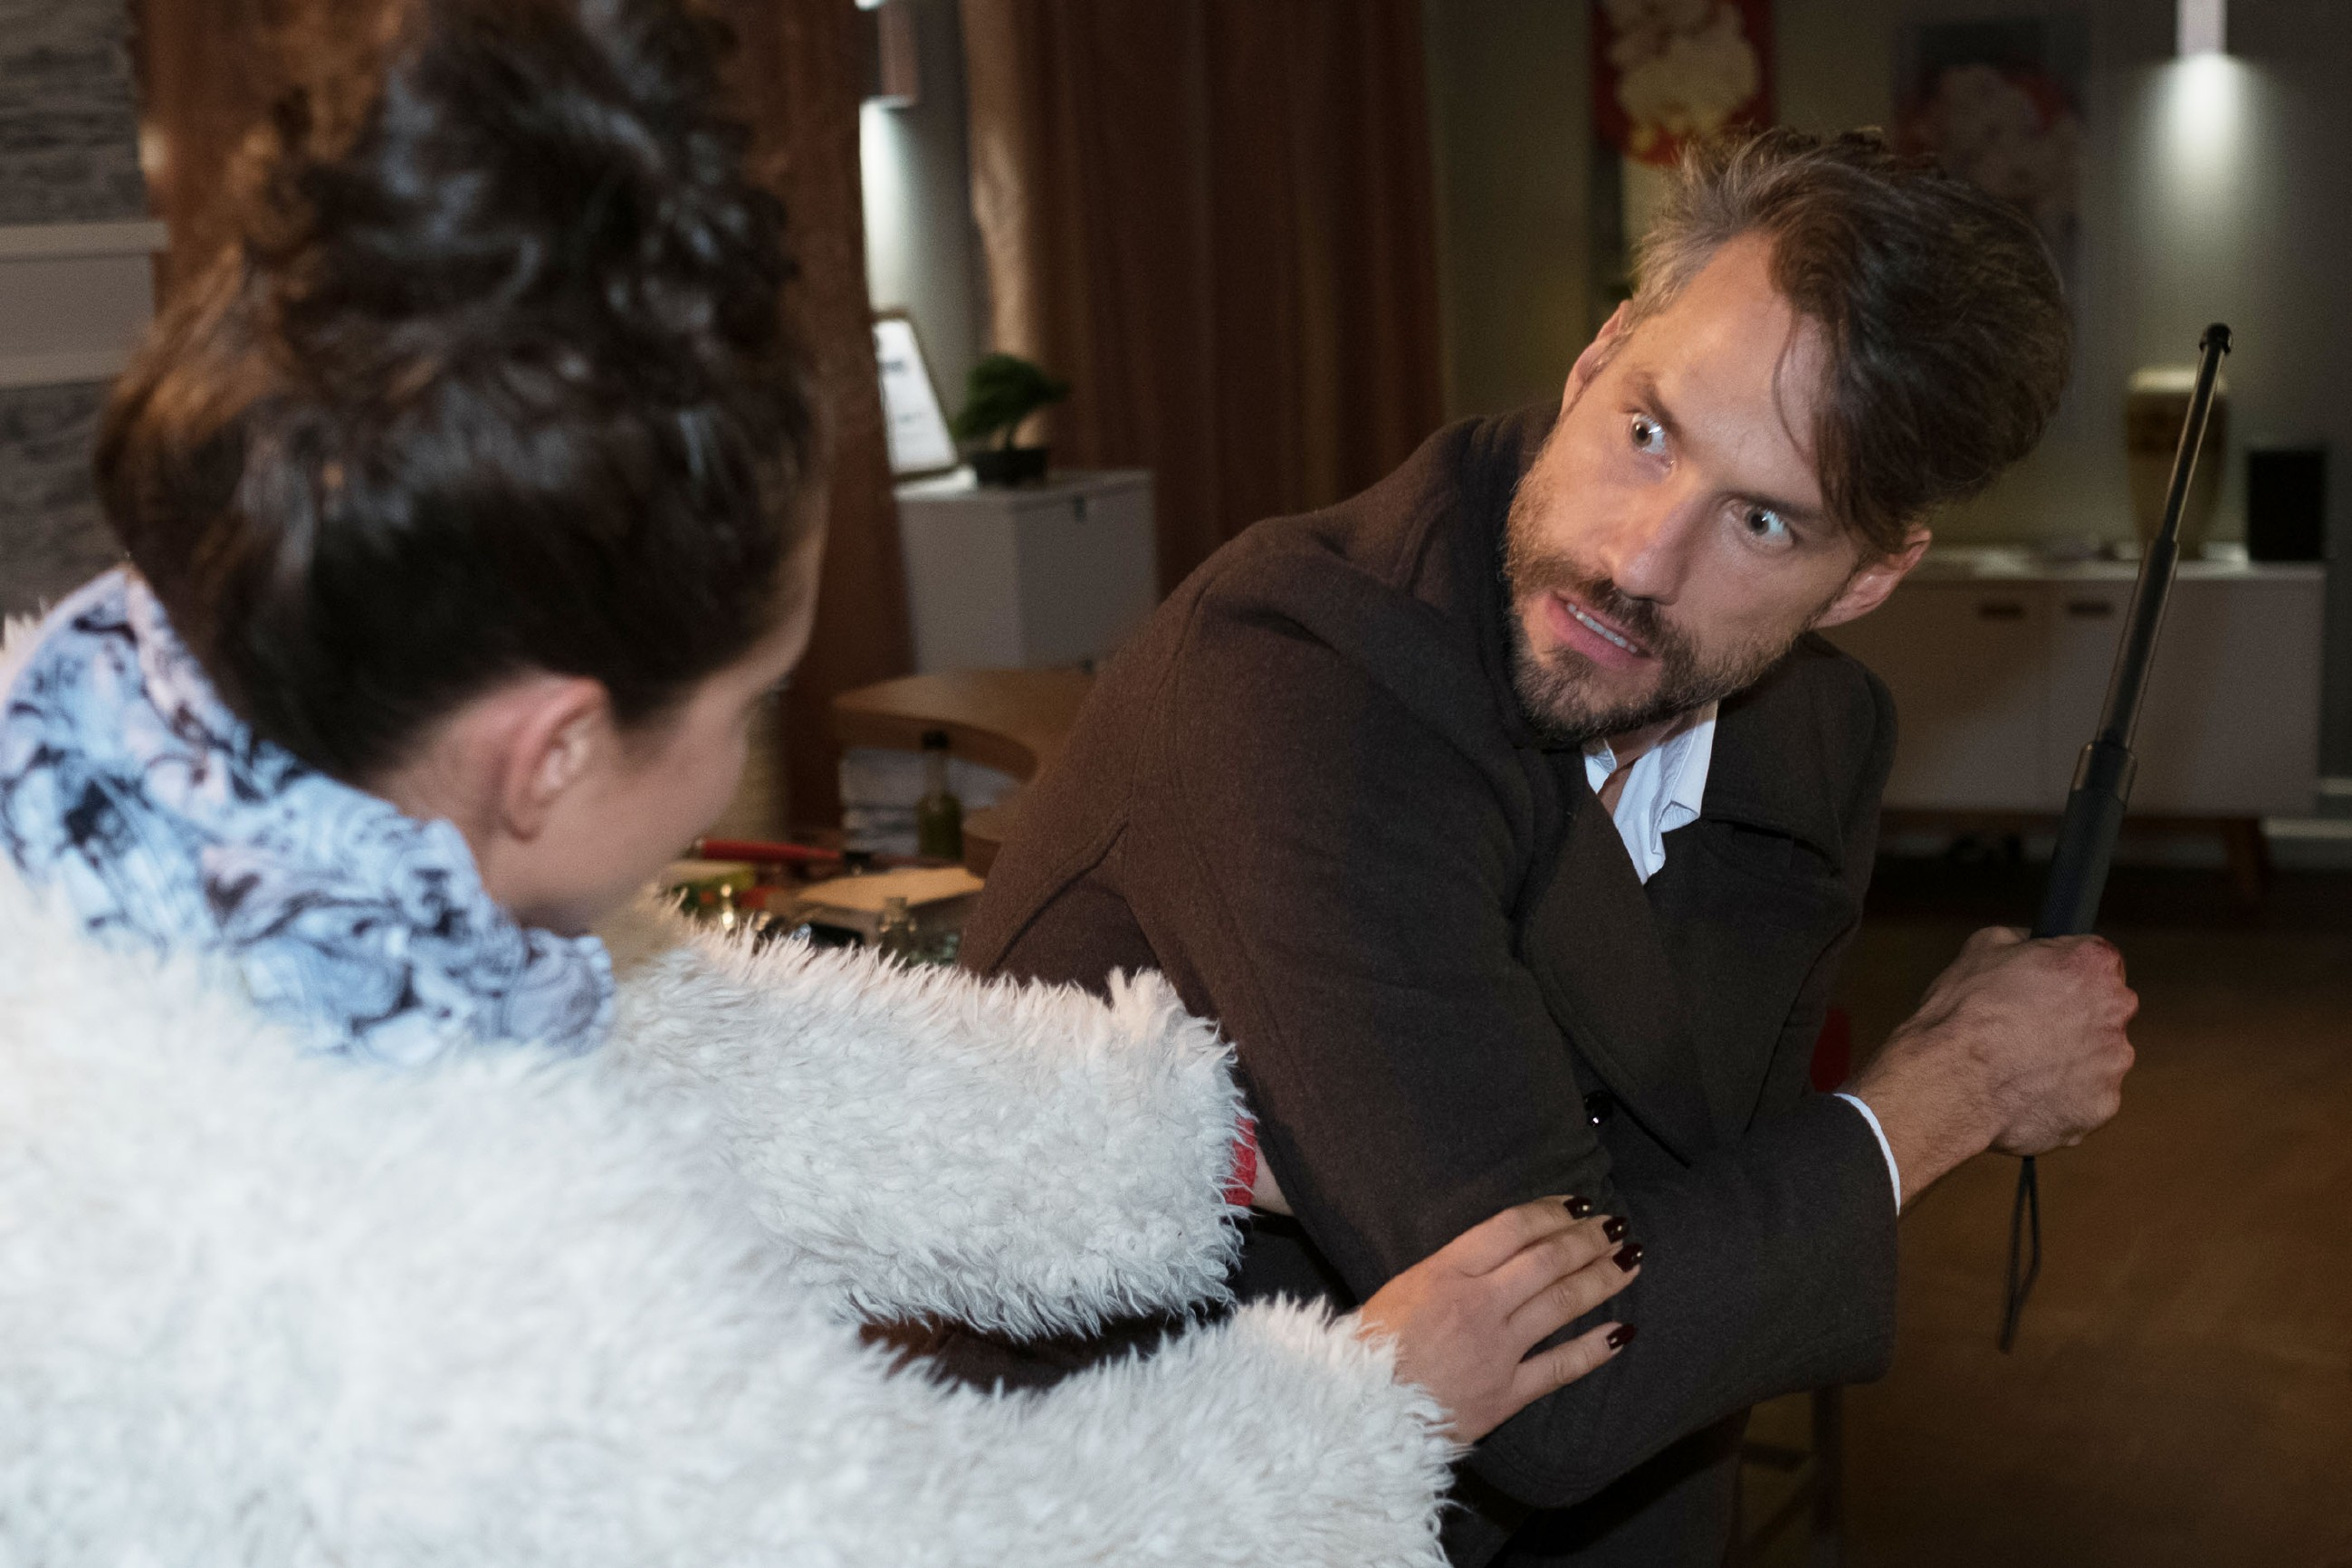 Caro (Ines Kurenbach) versucht Malte (Stefan Bockelmann) in letzter Sekunde davor zu bewahren, einen fatalen Fehler zu begehen... (Quelle: RTL / Stefan Behrens)